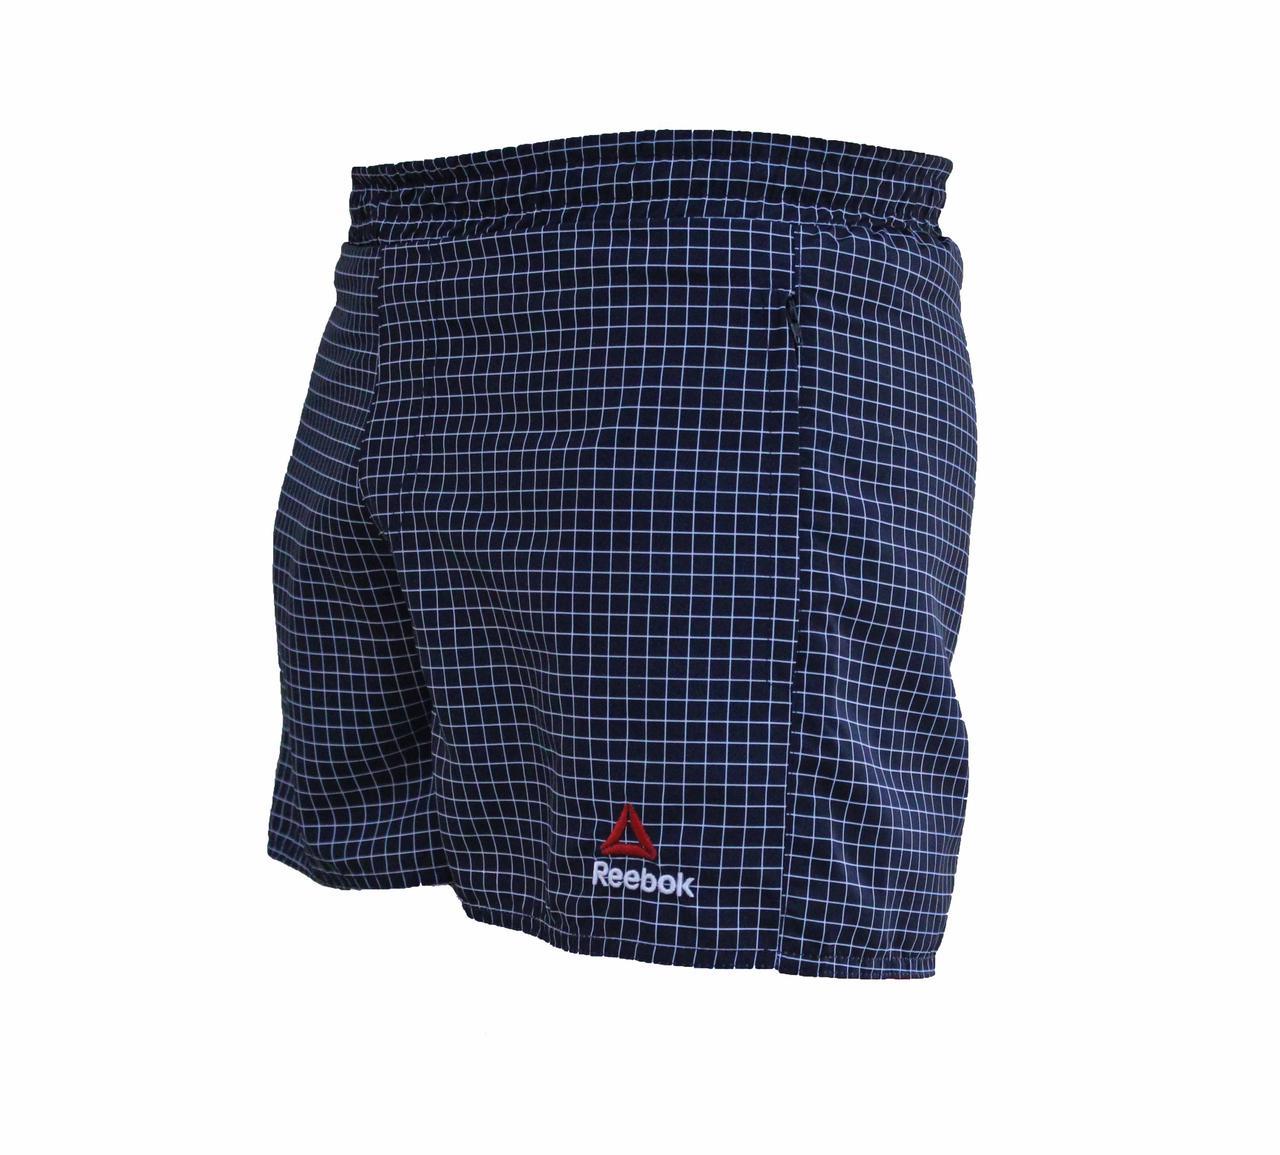 Мужские короткие спортивные шорты Reebok в клетку плащевка (Реплика)